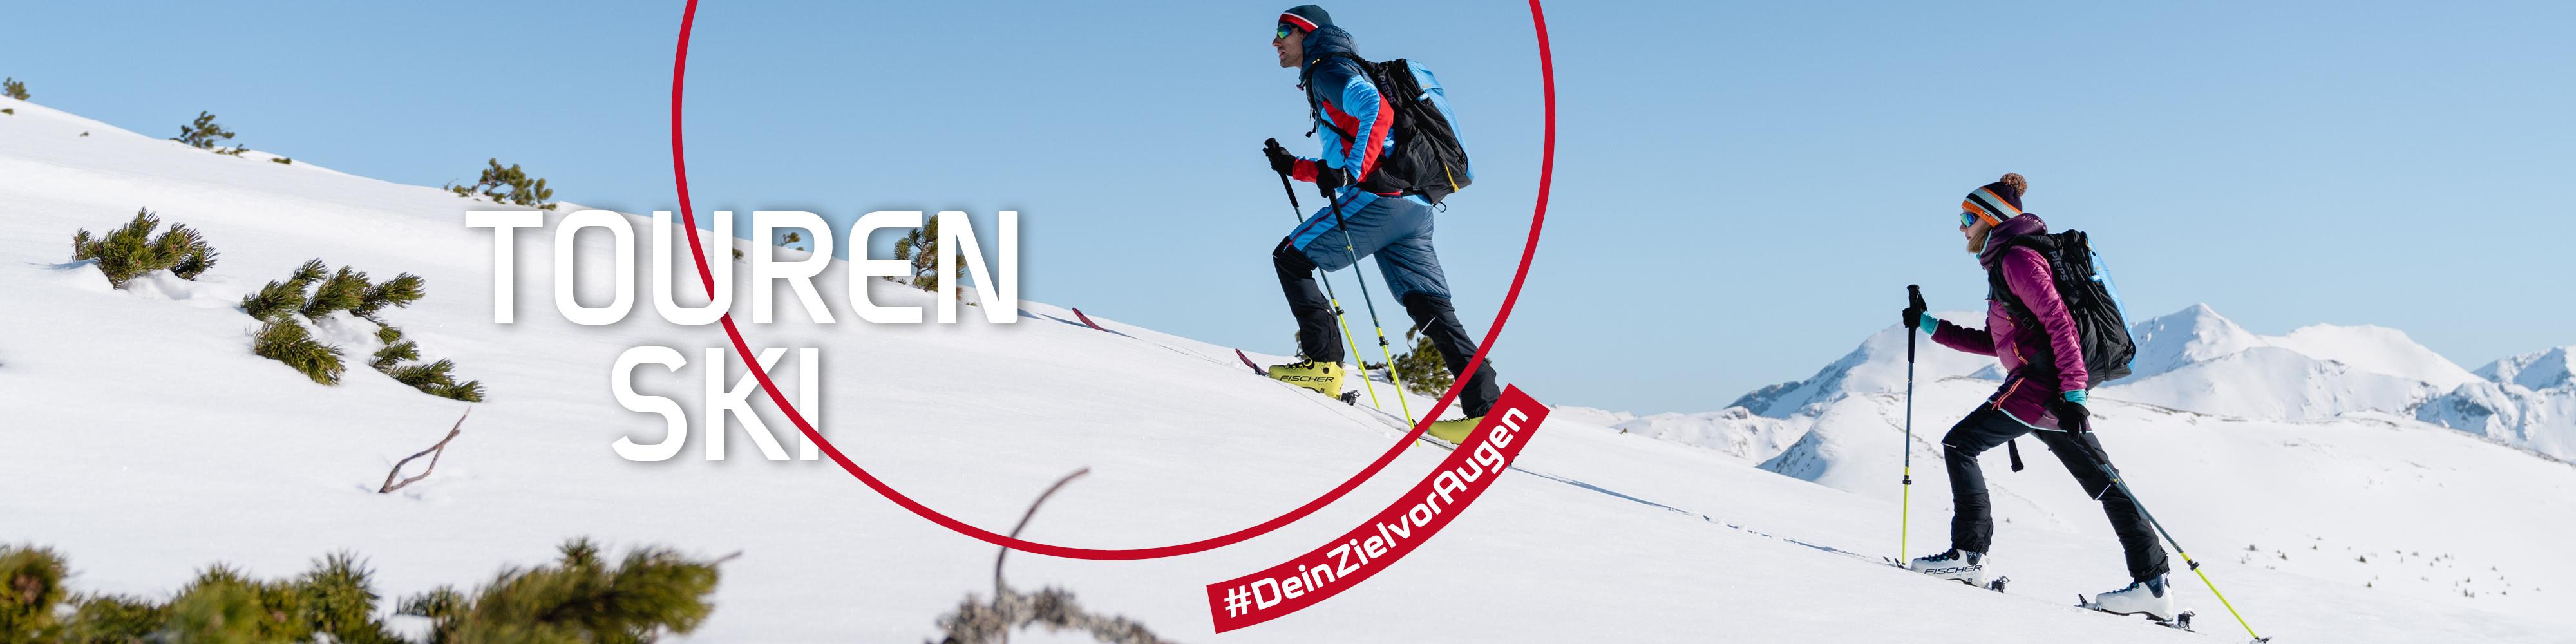 Touren Ski-Kategorie